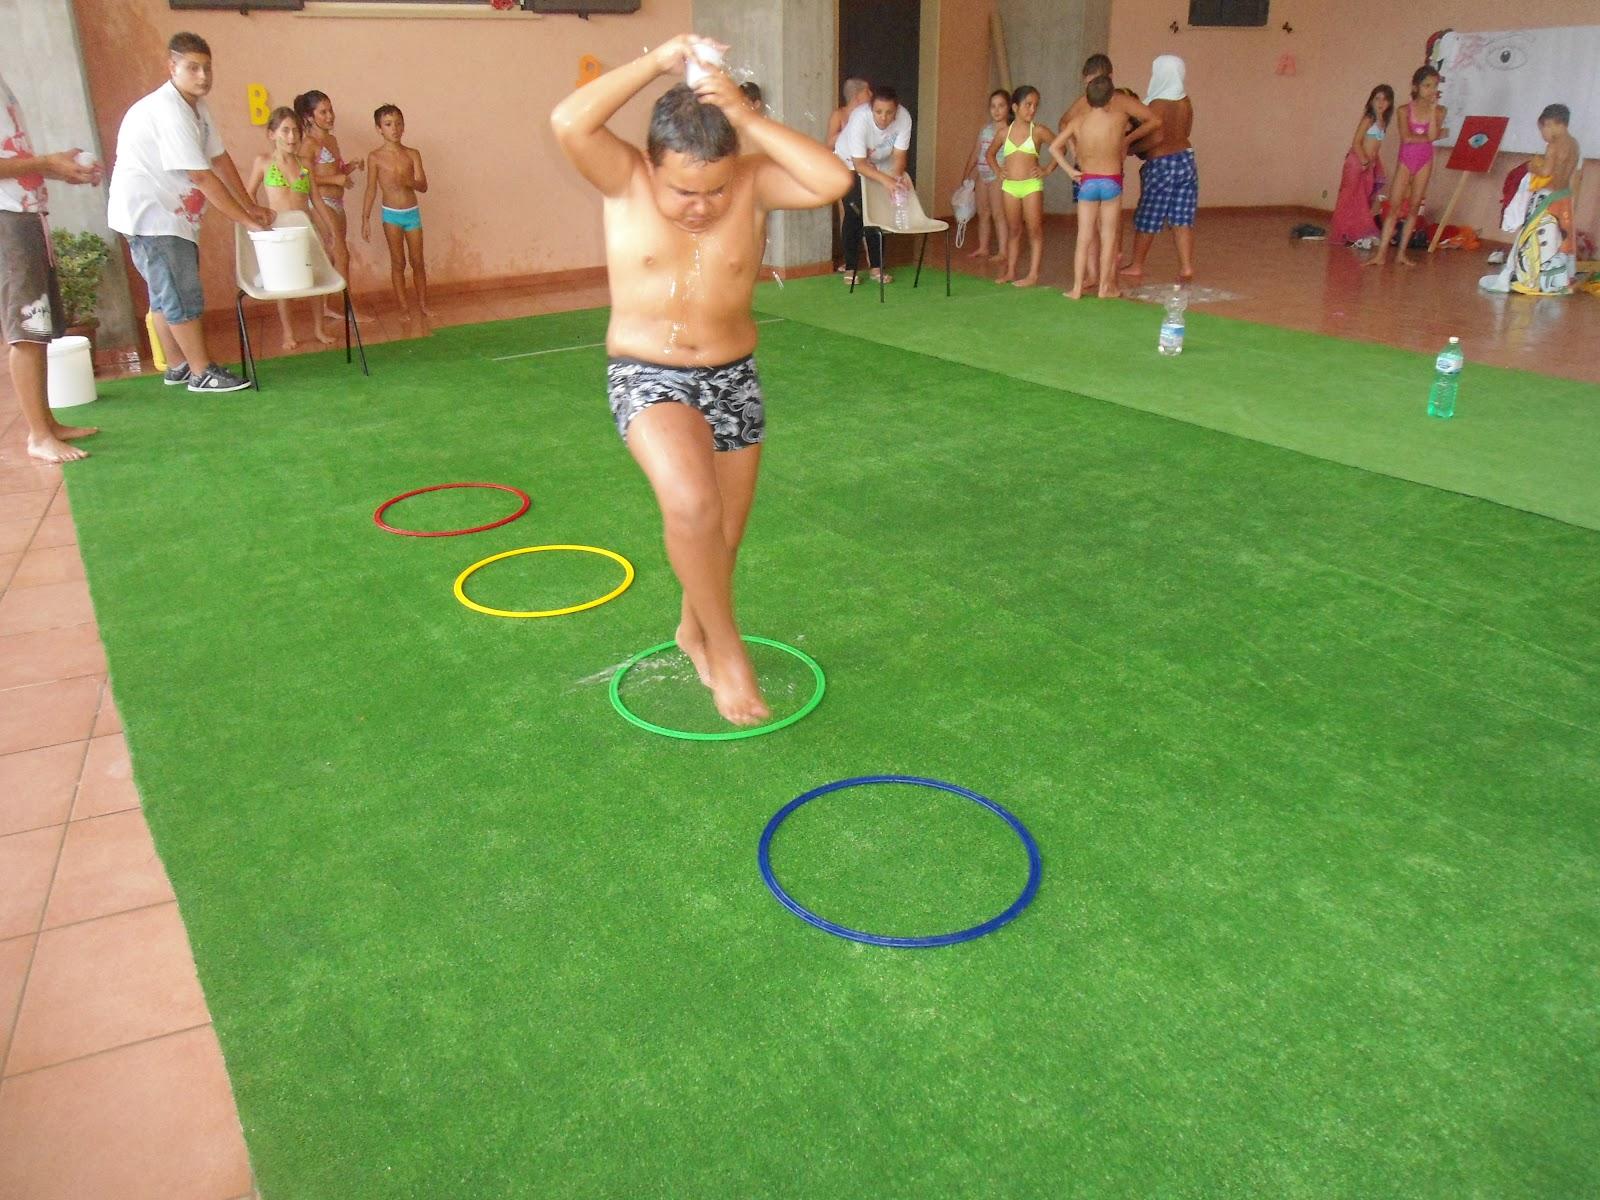 Ben noto Giochi In Acqua Per Bambini NW82 » Regardsdefemmes KY54